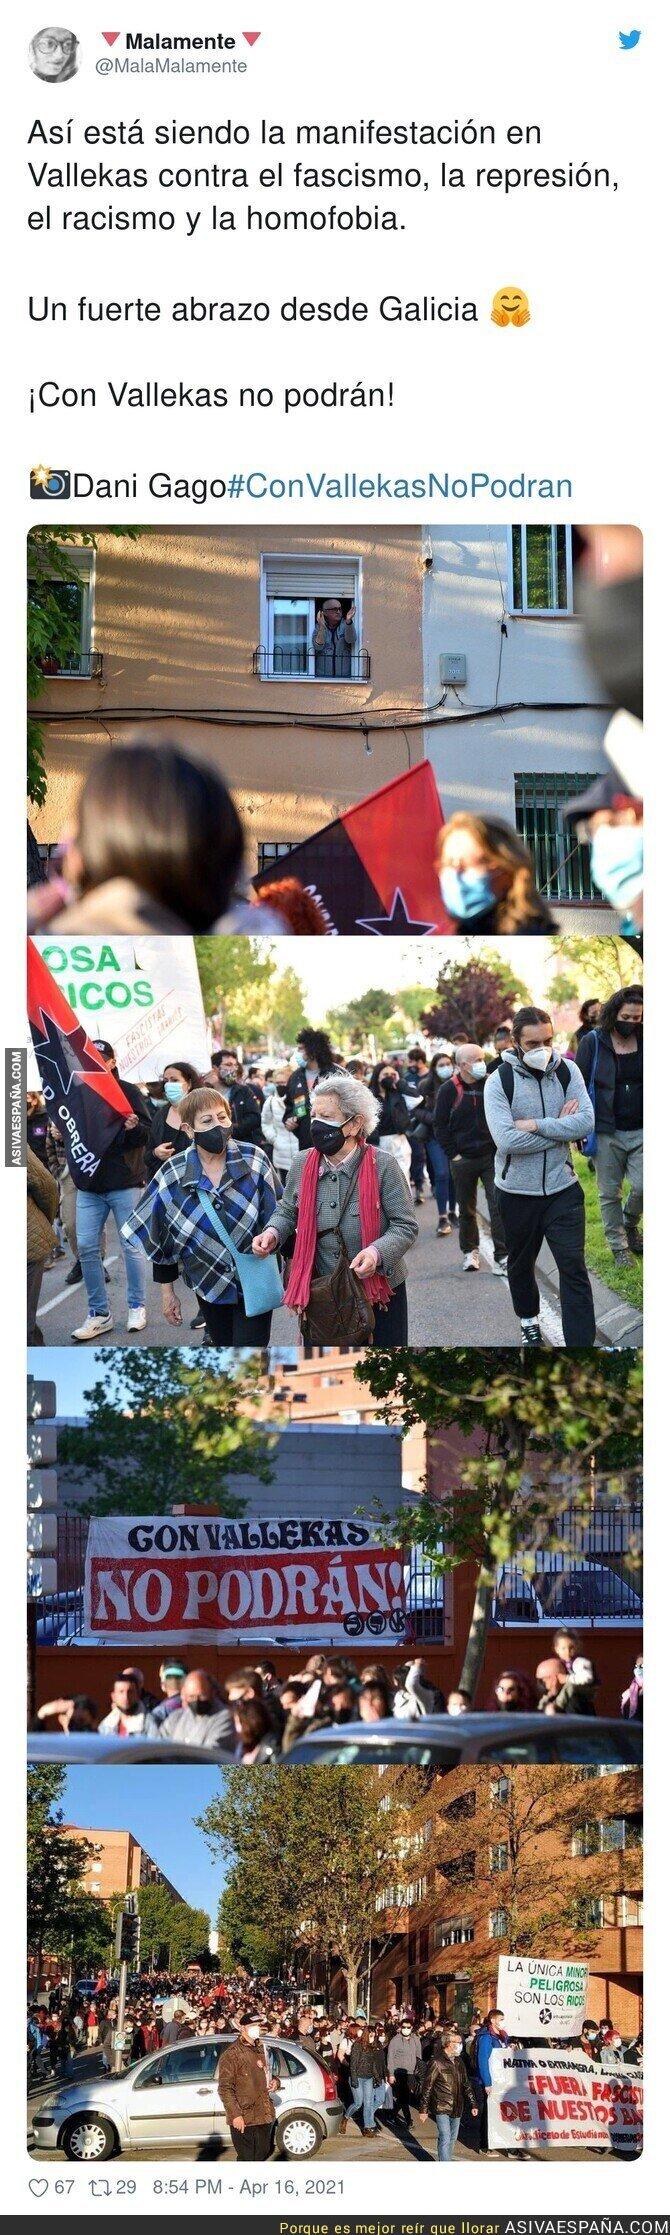 702540 - El fascismo no puede contra Vallekas